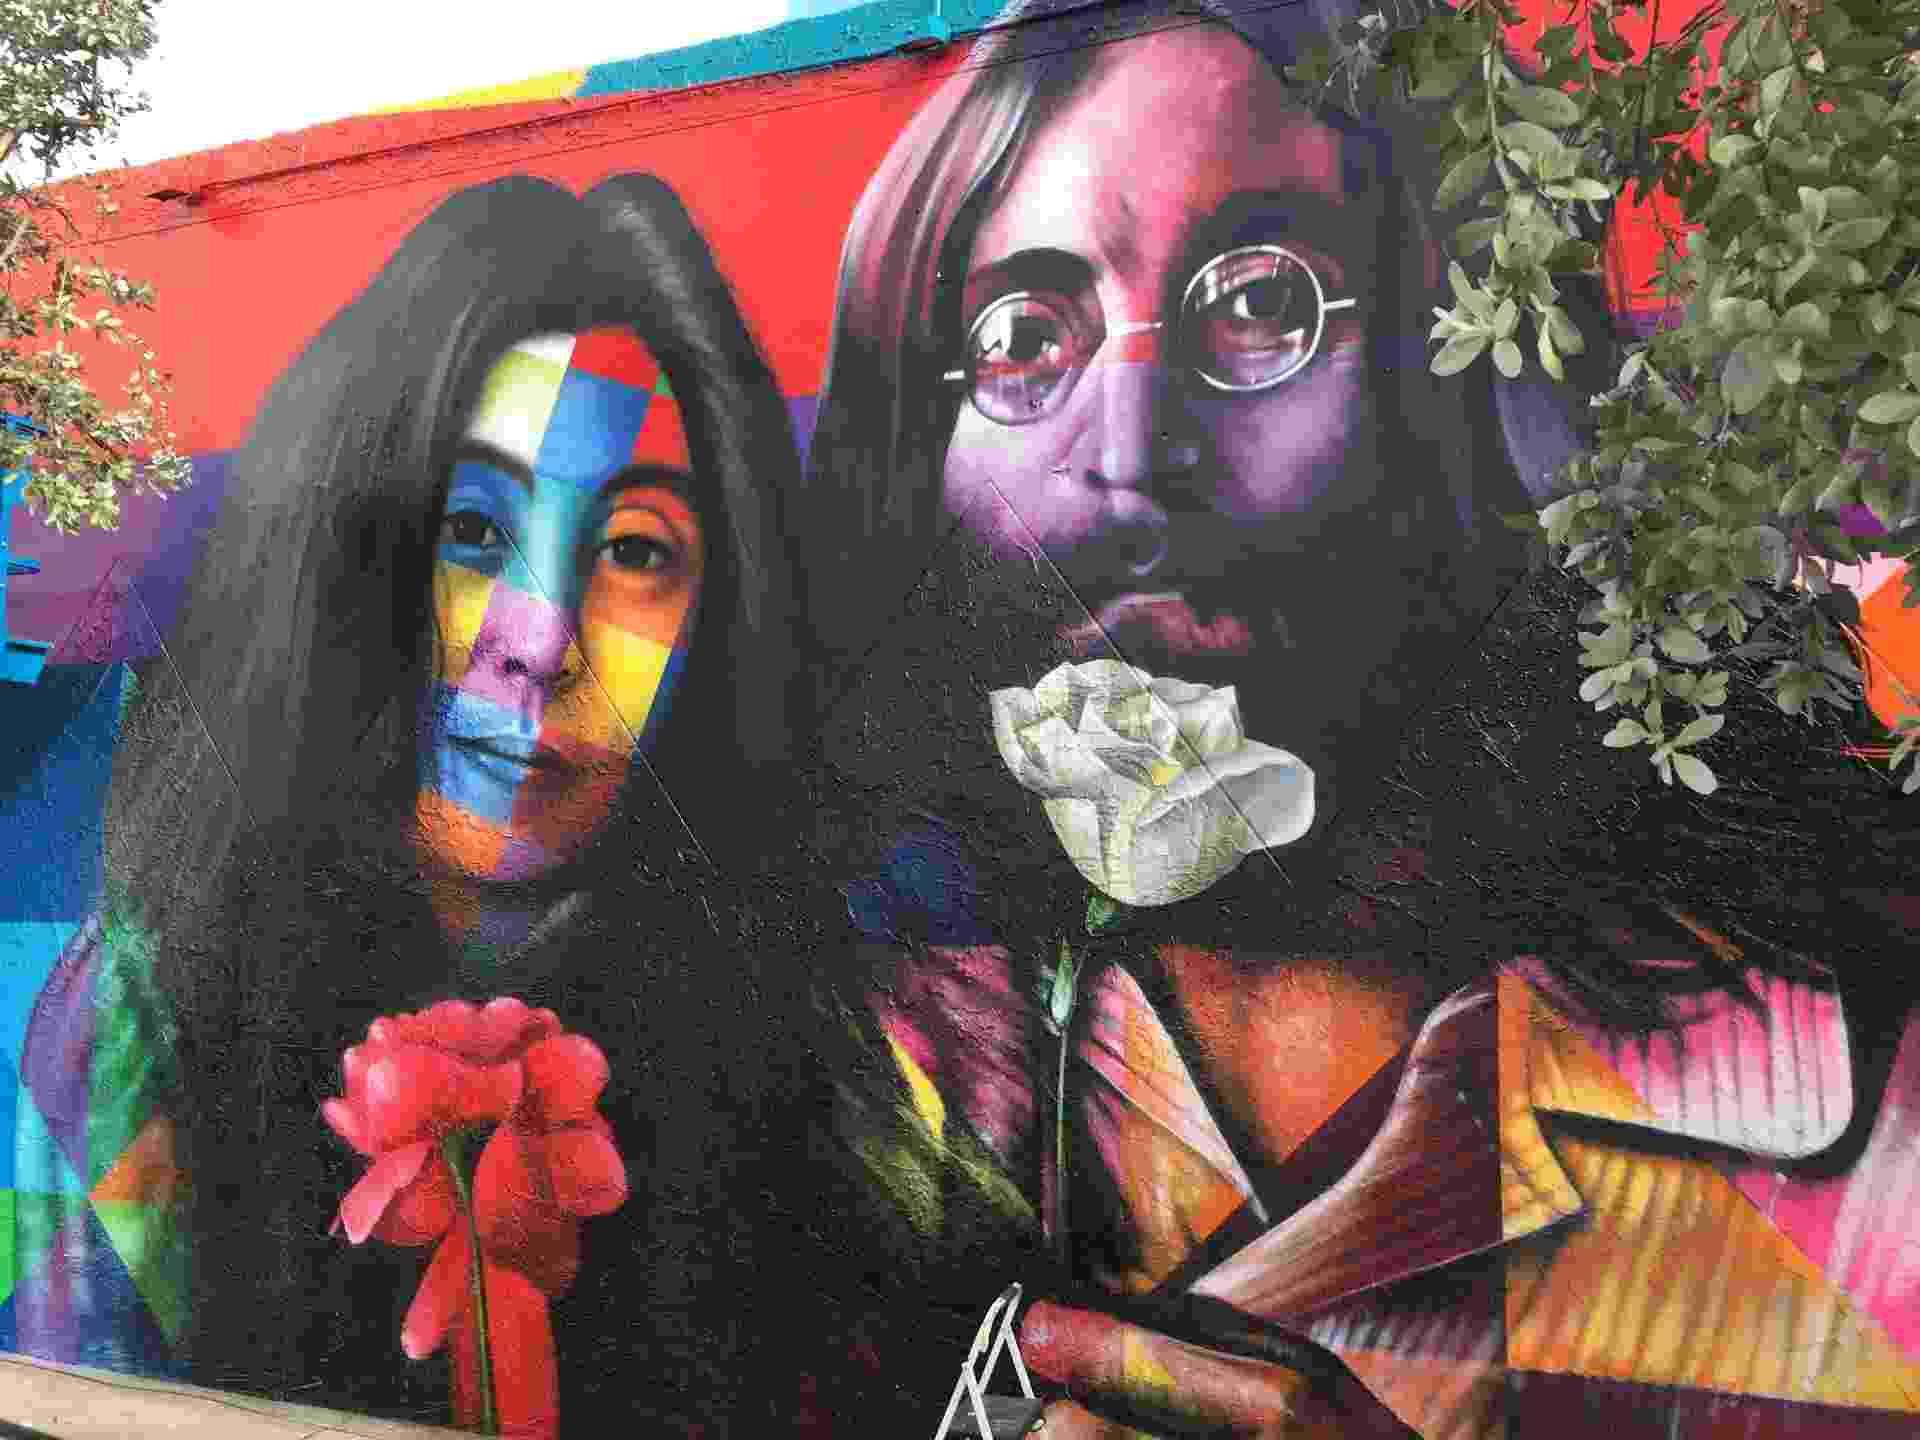 """7.dez.2015 - Kobra entregou um painel em homenagem a John Lennon um dia antes do aniversário de 35 anos da morte do ex-beatle. A obra, batizada """"Dê Uma Chance à Paz"""" está exposta em um muro de Wynwood, em Miami (EUA) - Divulgação"""